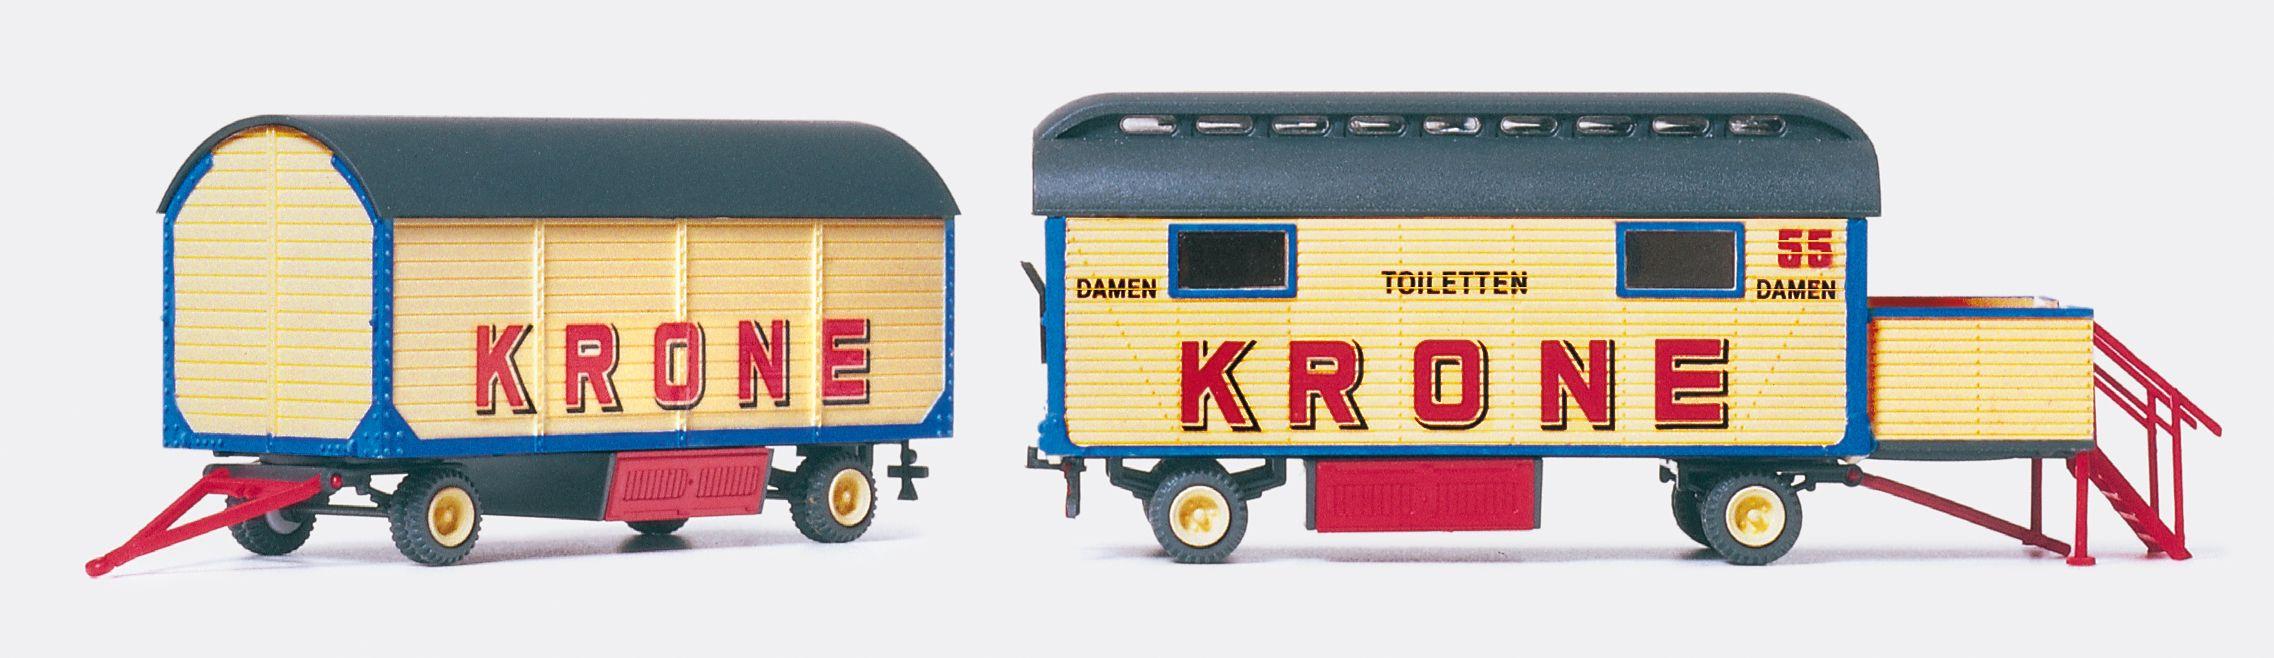 1:87 Zirkus Krone Toiletten- Wagen Damen, Bausatz- Preiser 21052  | günstig bestellen bei Modelleisenbahn Center  MCS Vertriebs GmbH